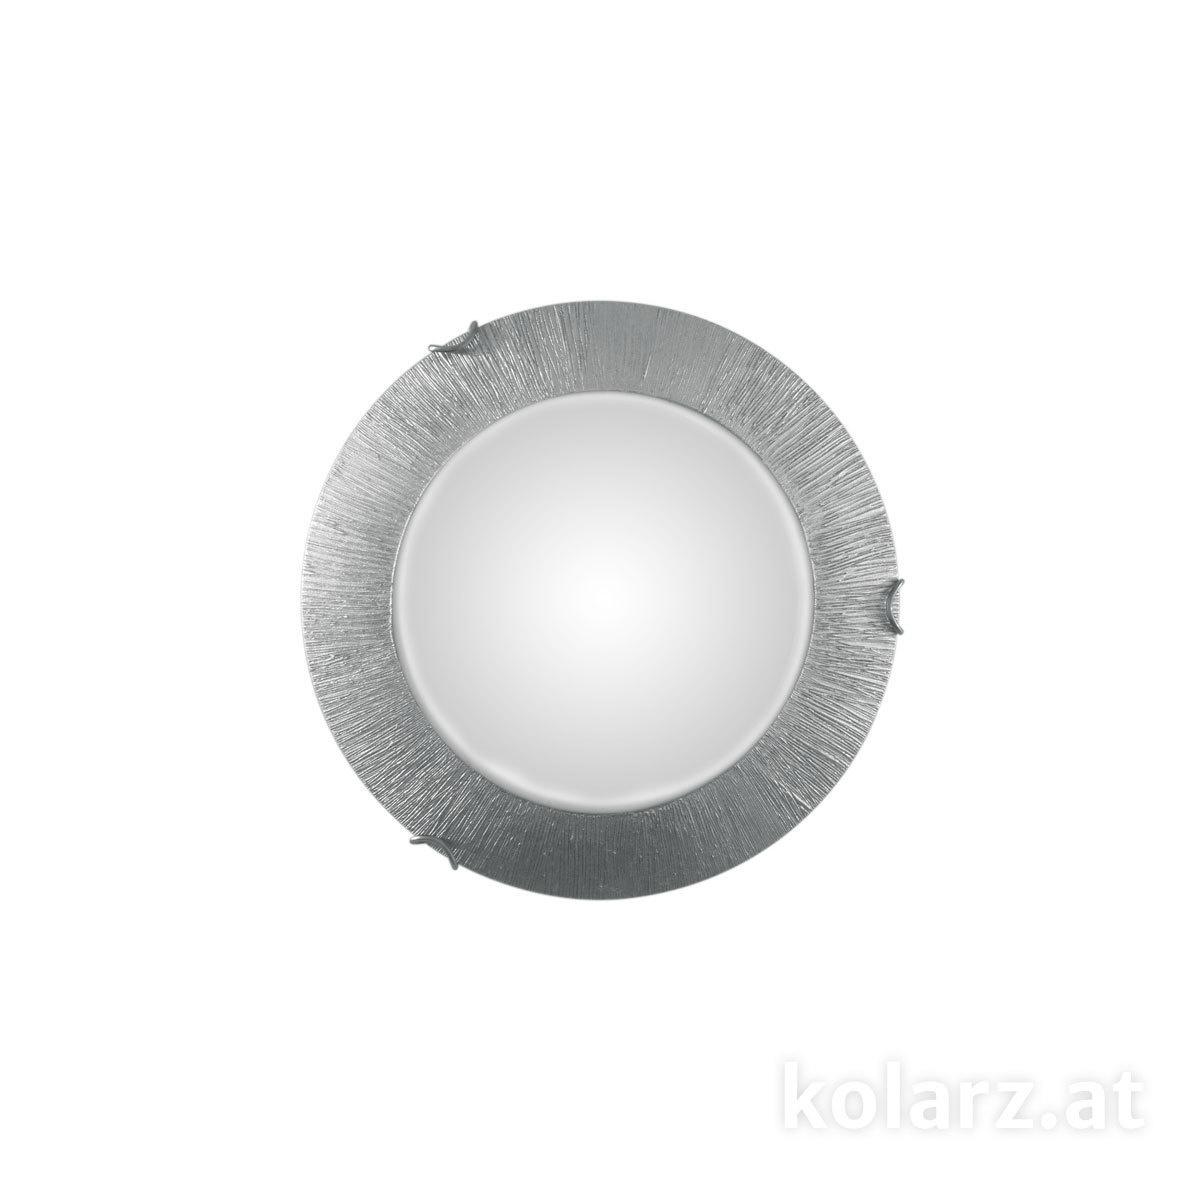 A1306-11-5-SunAg-f1.jpg